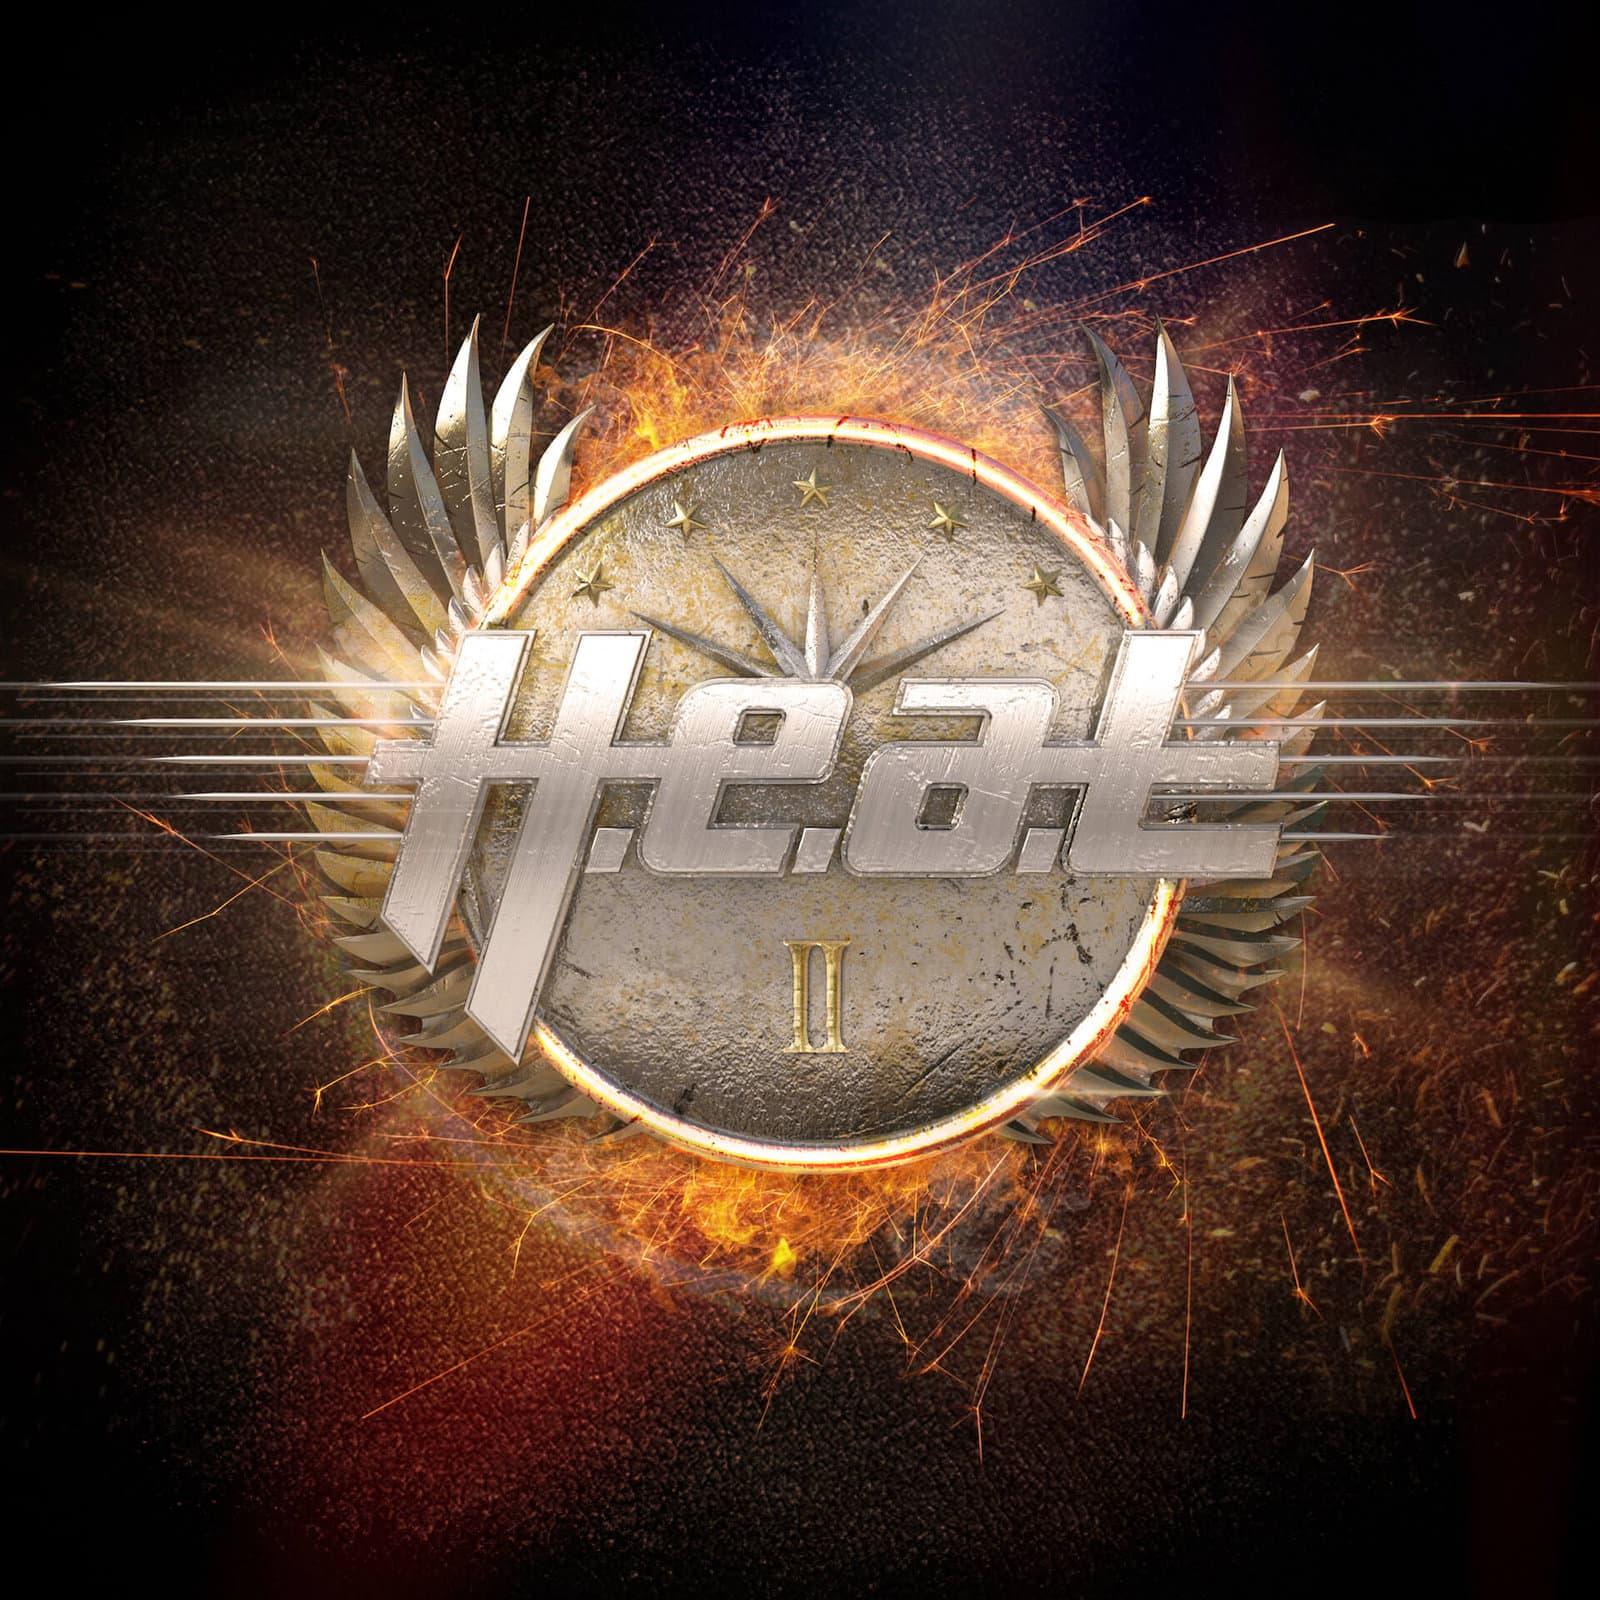 H.E.A.T. II